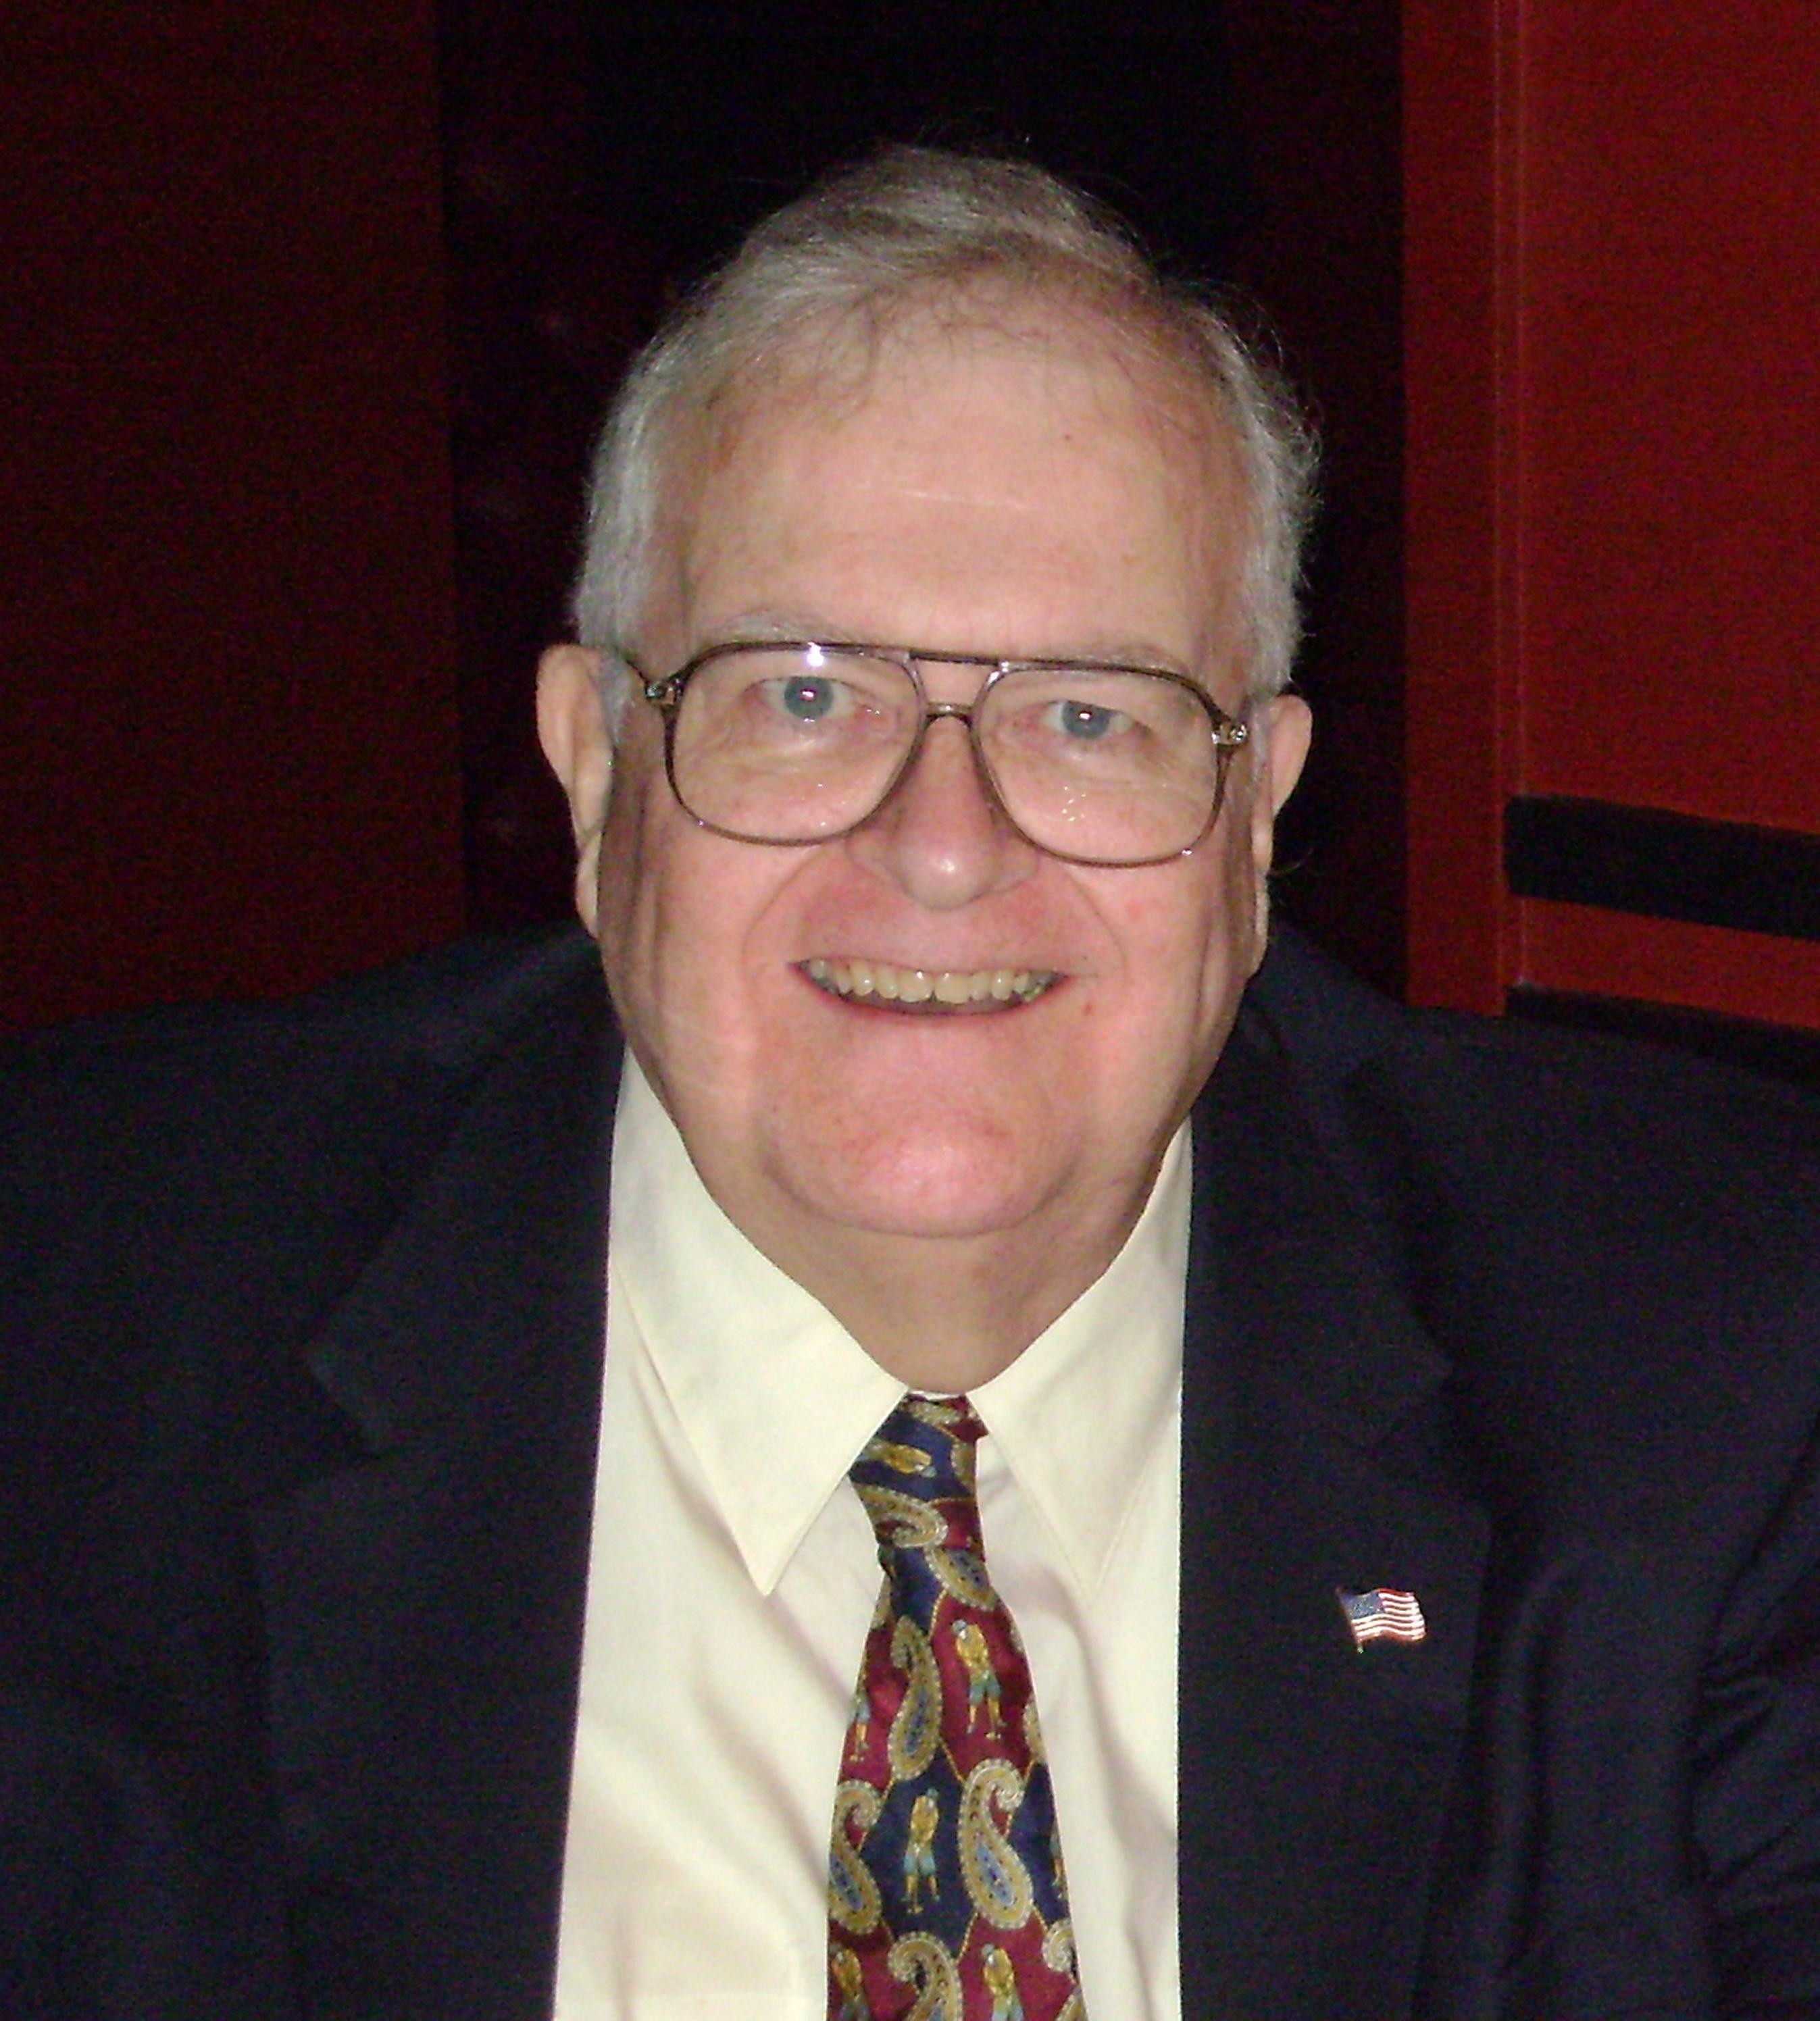 Everett David McCooey, Jr